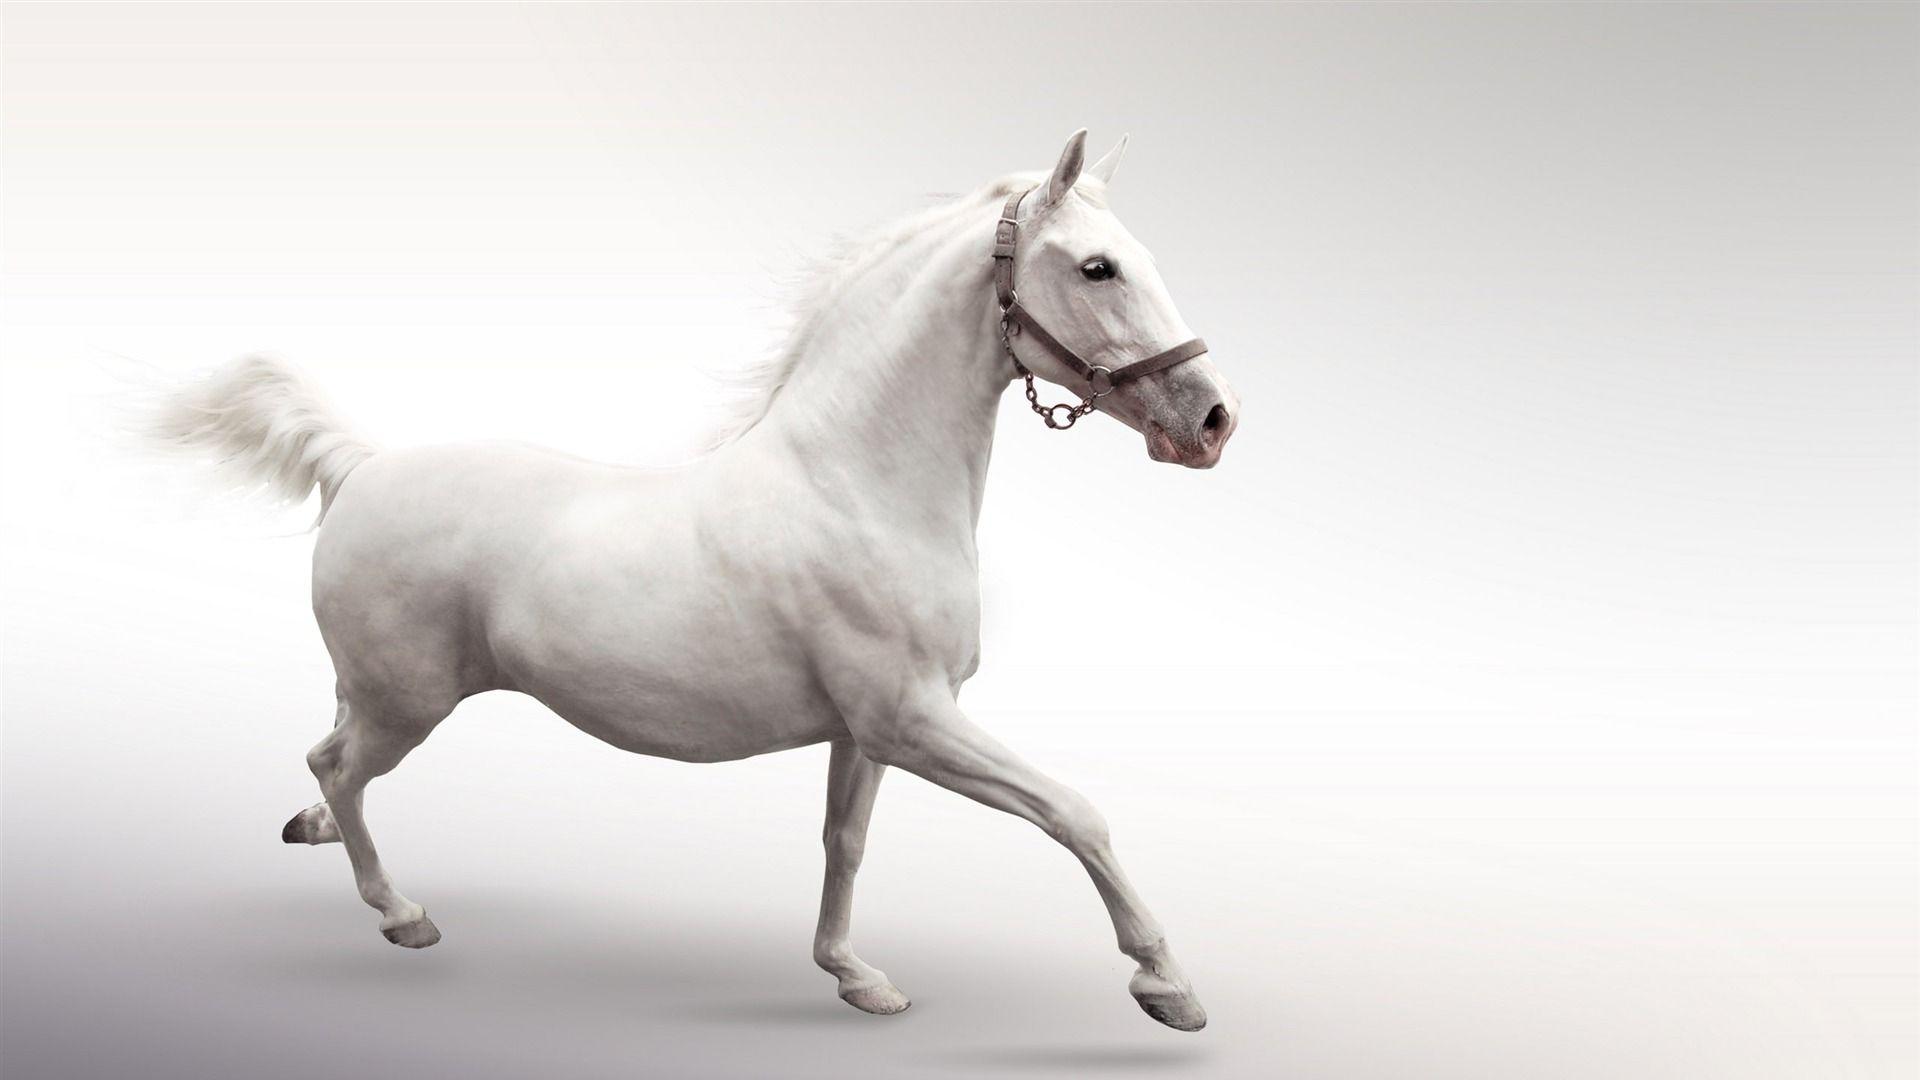 Must see Wallpaper Horse Pinterest - a9c323b456c181c3fb105fe5ae8ae07e  2018_883946.jpg